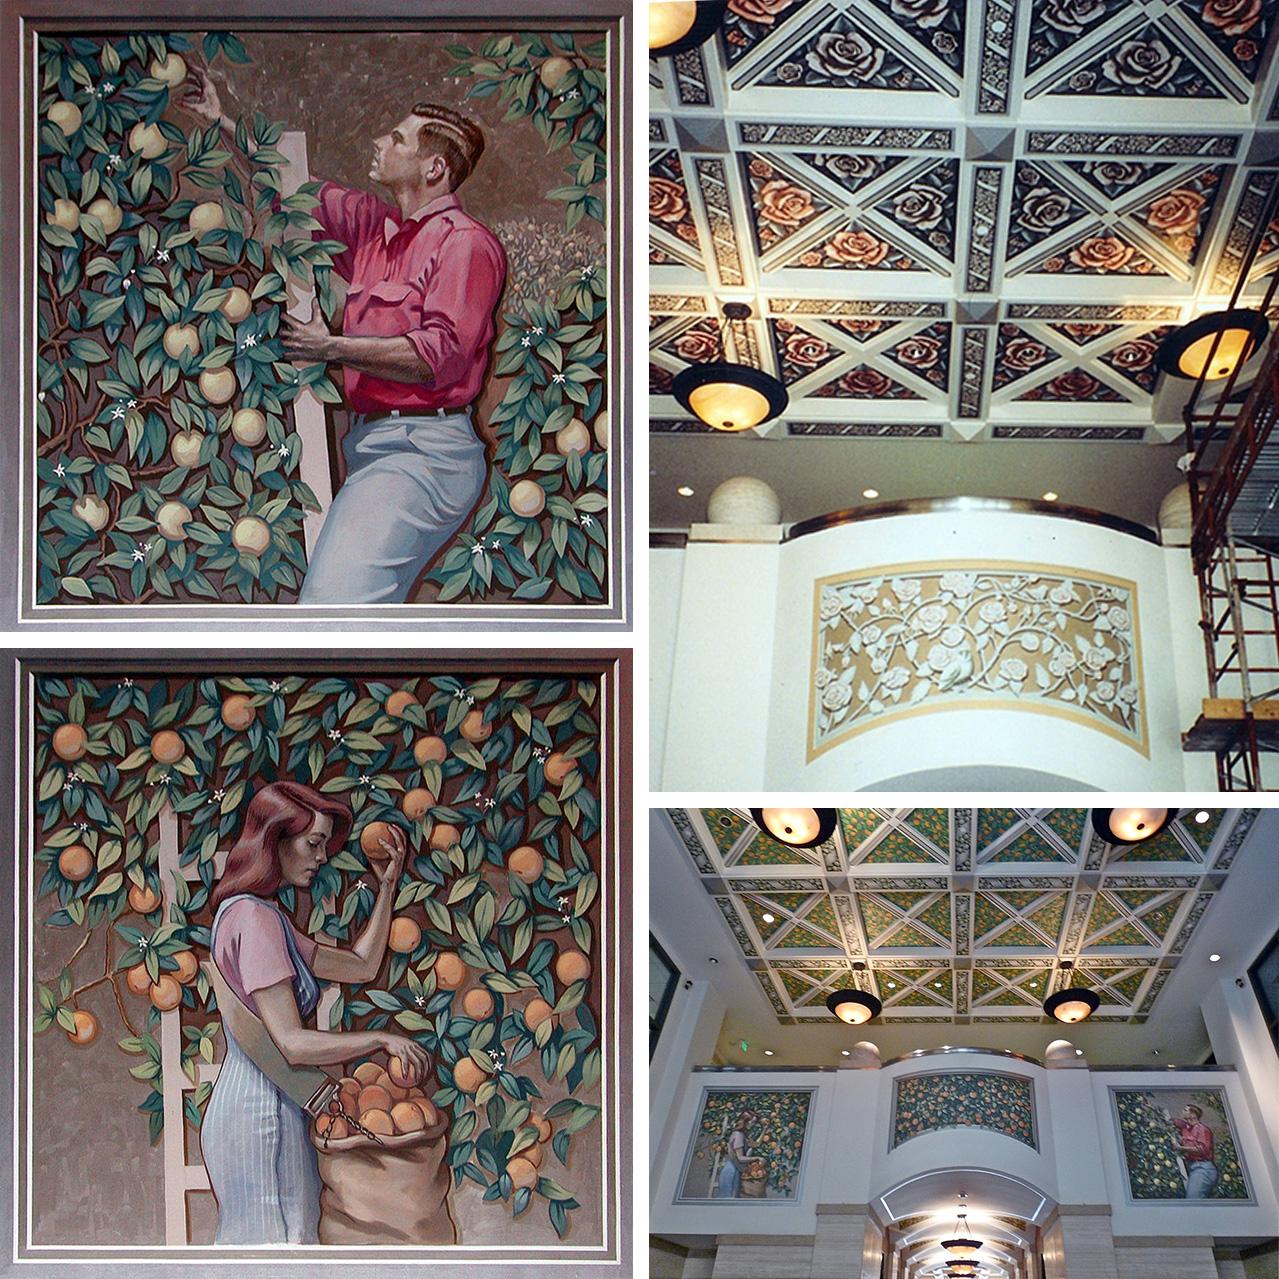 Home Savings Office Towers Pasadena, CA. (1990)